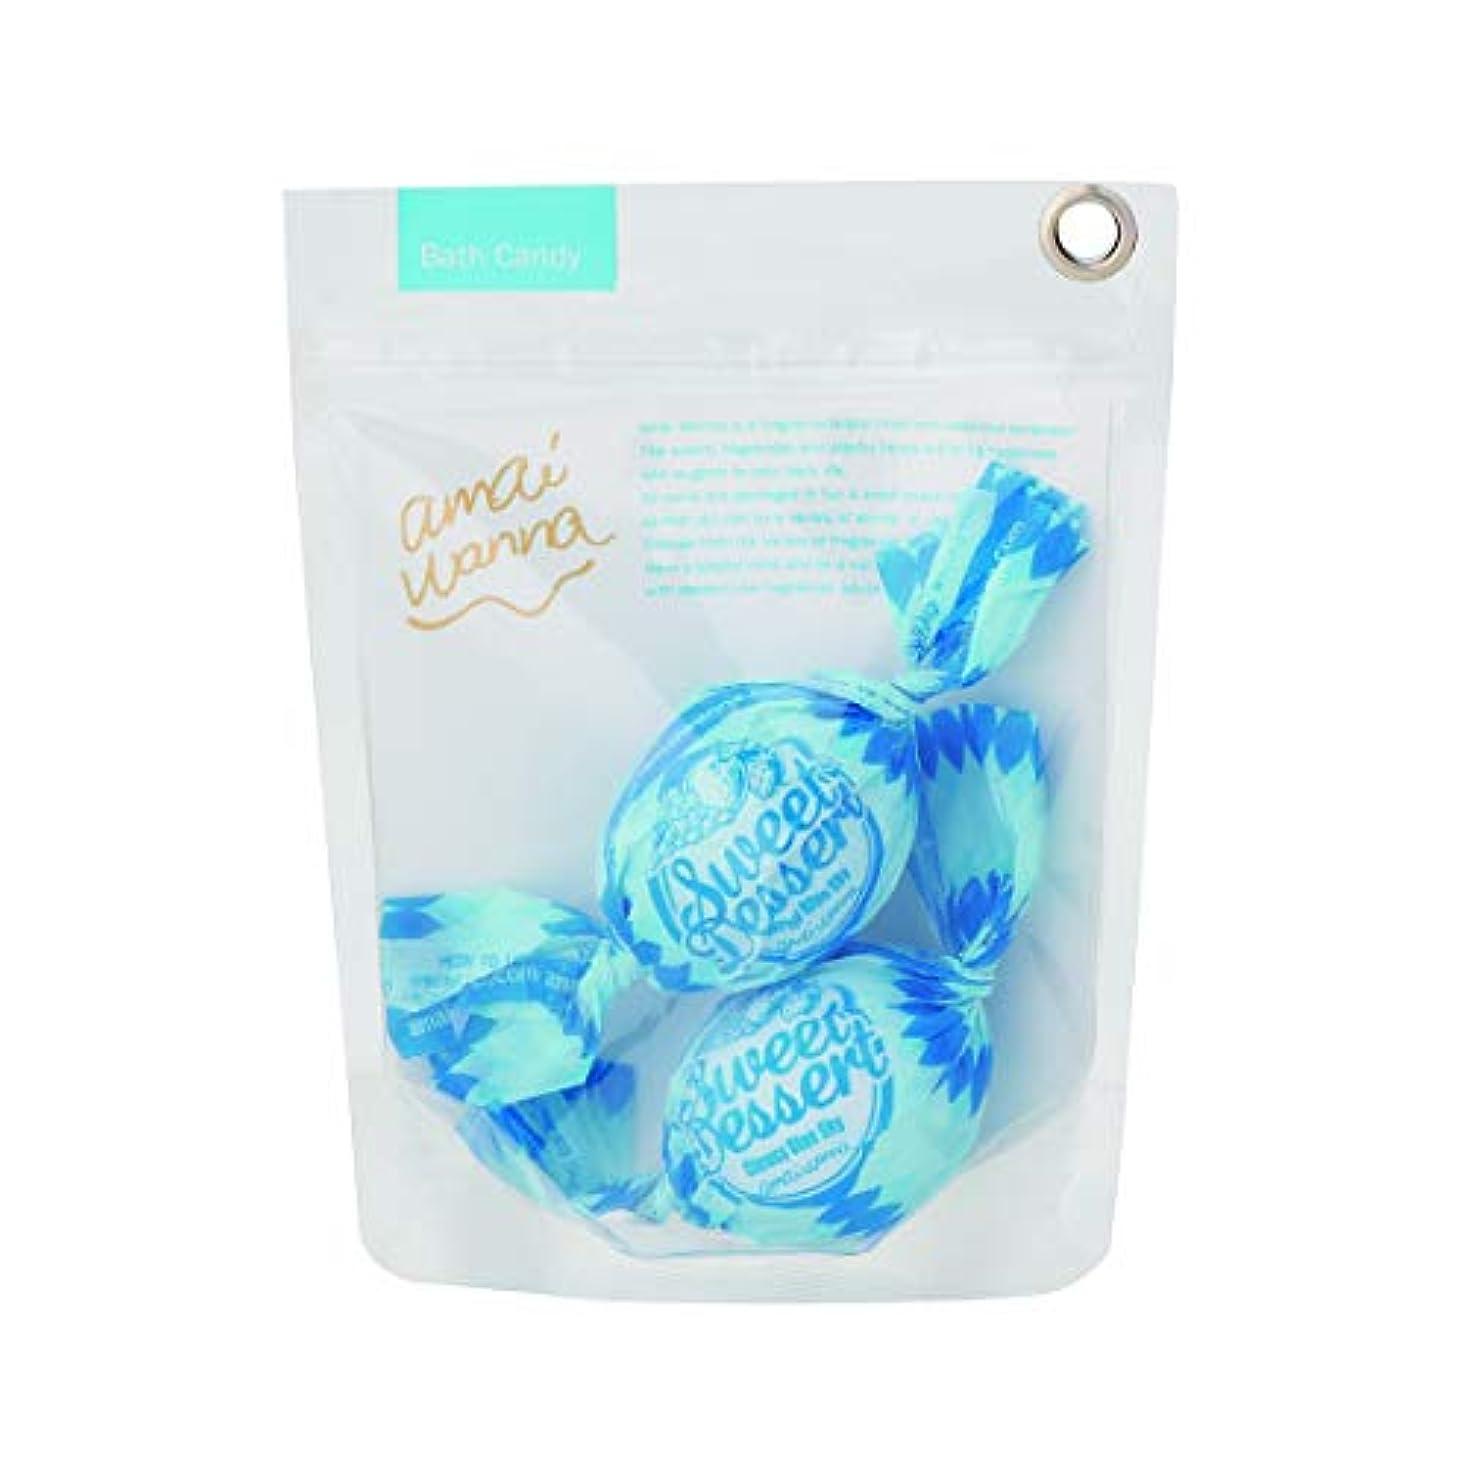 お風呂を持っている急ぐホットアマイワナ バスキャンディーバッグ 青空シトラス 35g×2(発泡タイプ入浴料 2回分 おおらかで凛としたシトラスの香り)